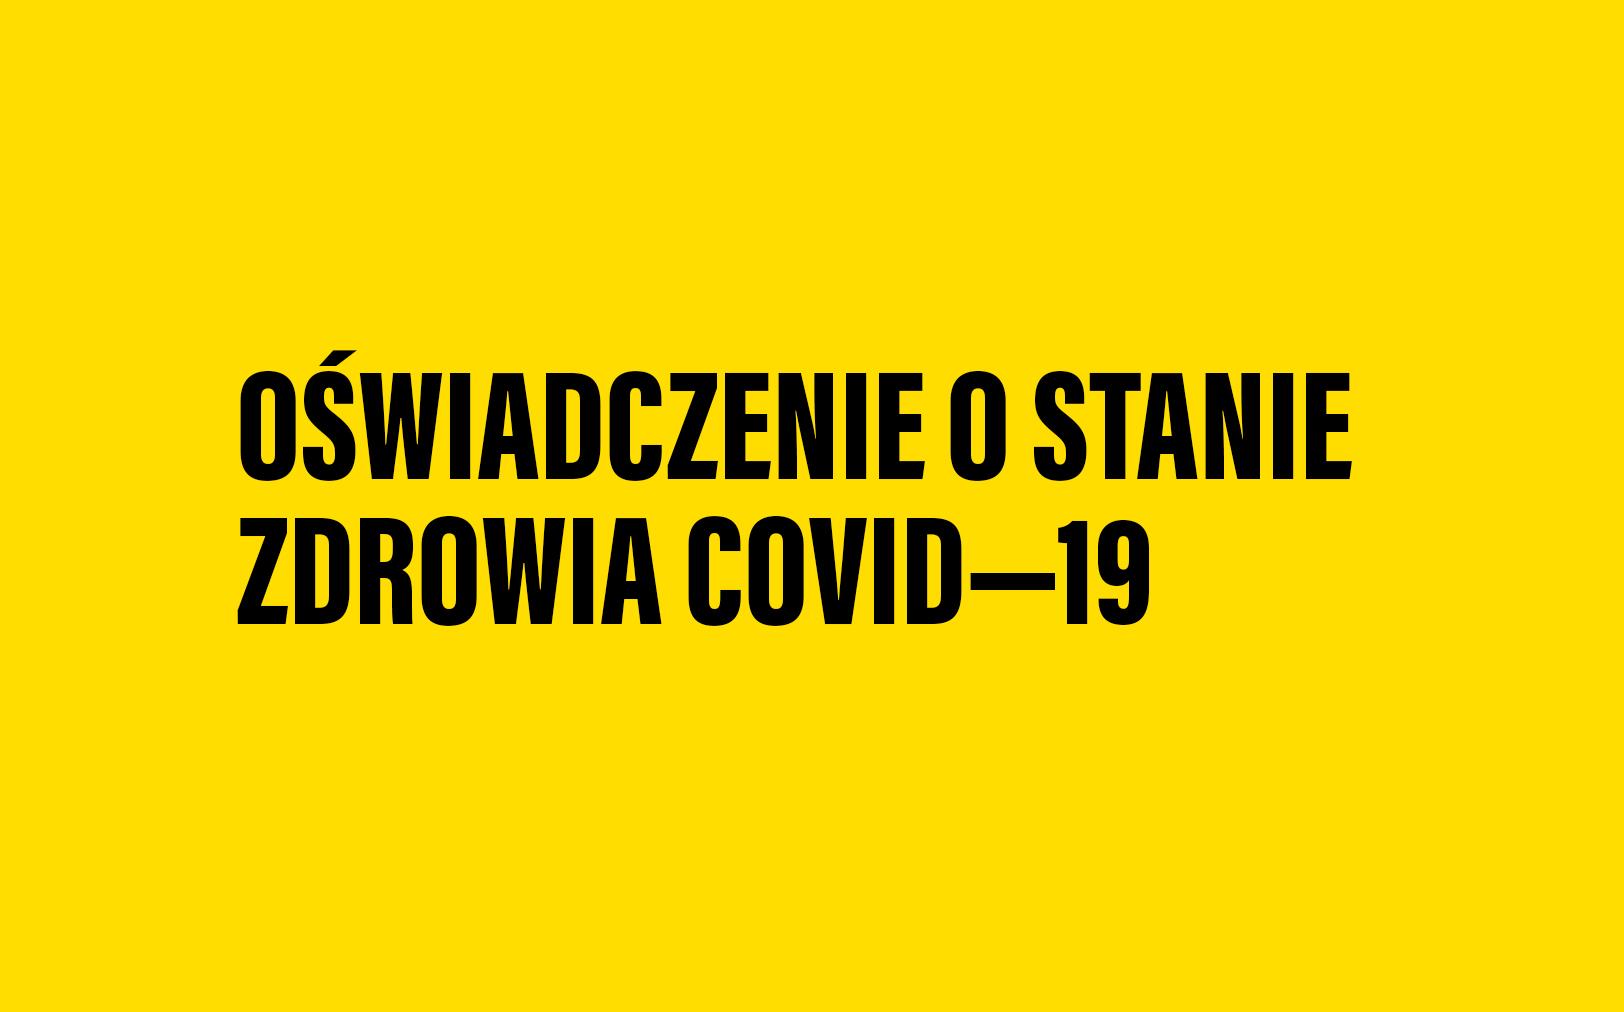 OŚWIADCZENIE O STANIE ZDROWIA - COVID-19